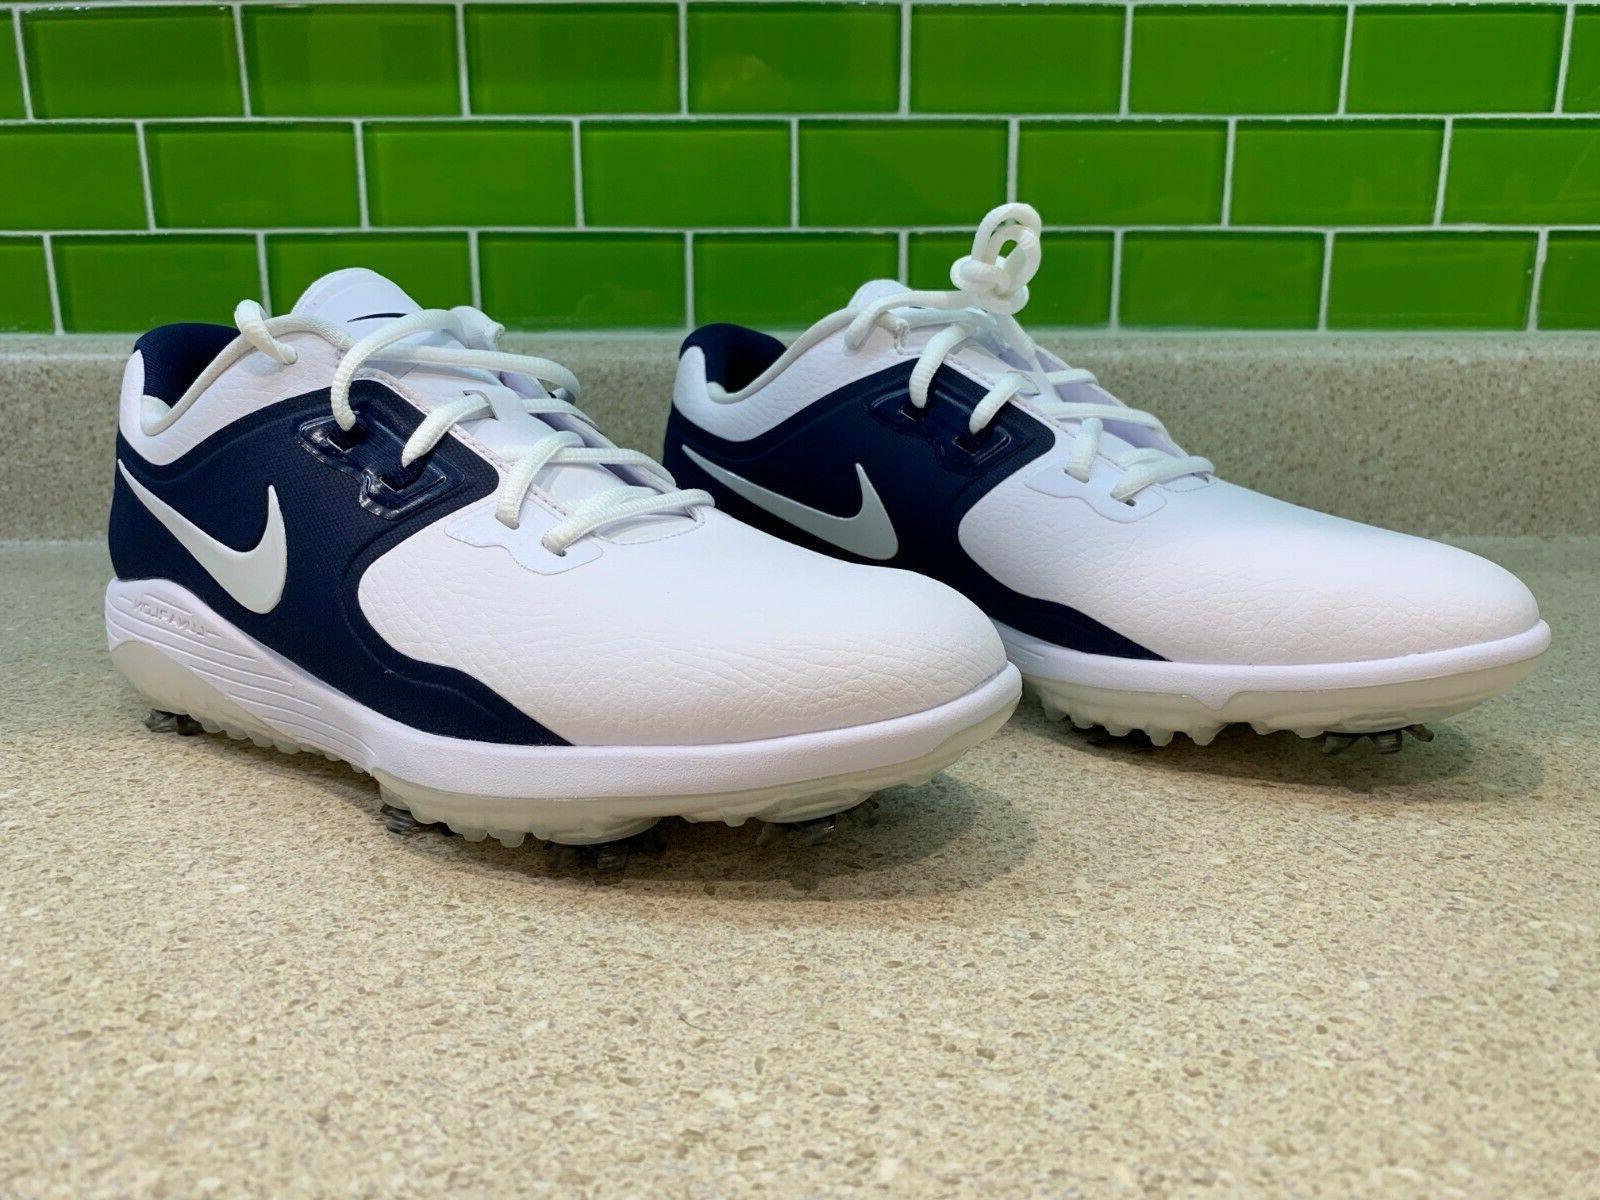 brand new men s vapor pro golf